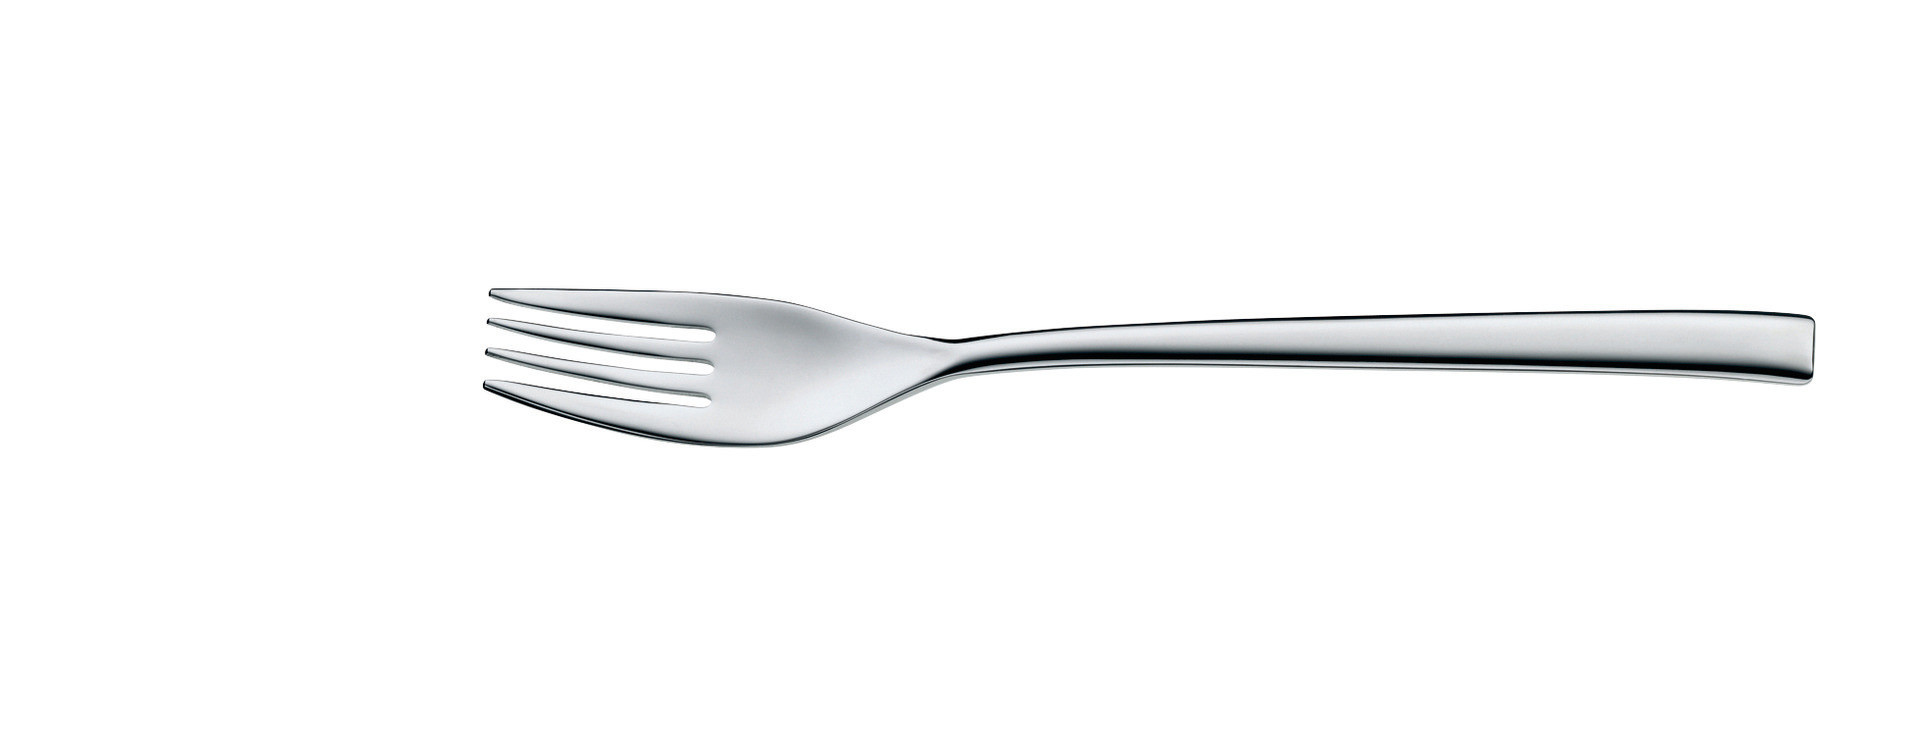 Talia, Vorspeisen- / Dessertgabel 172 mm